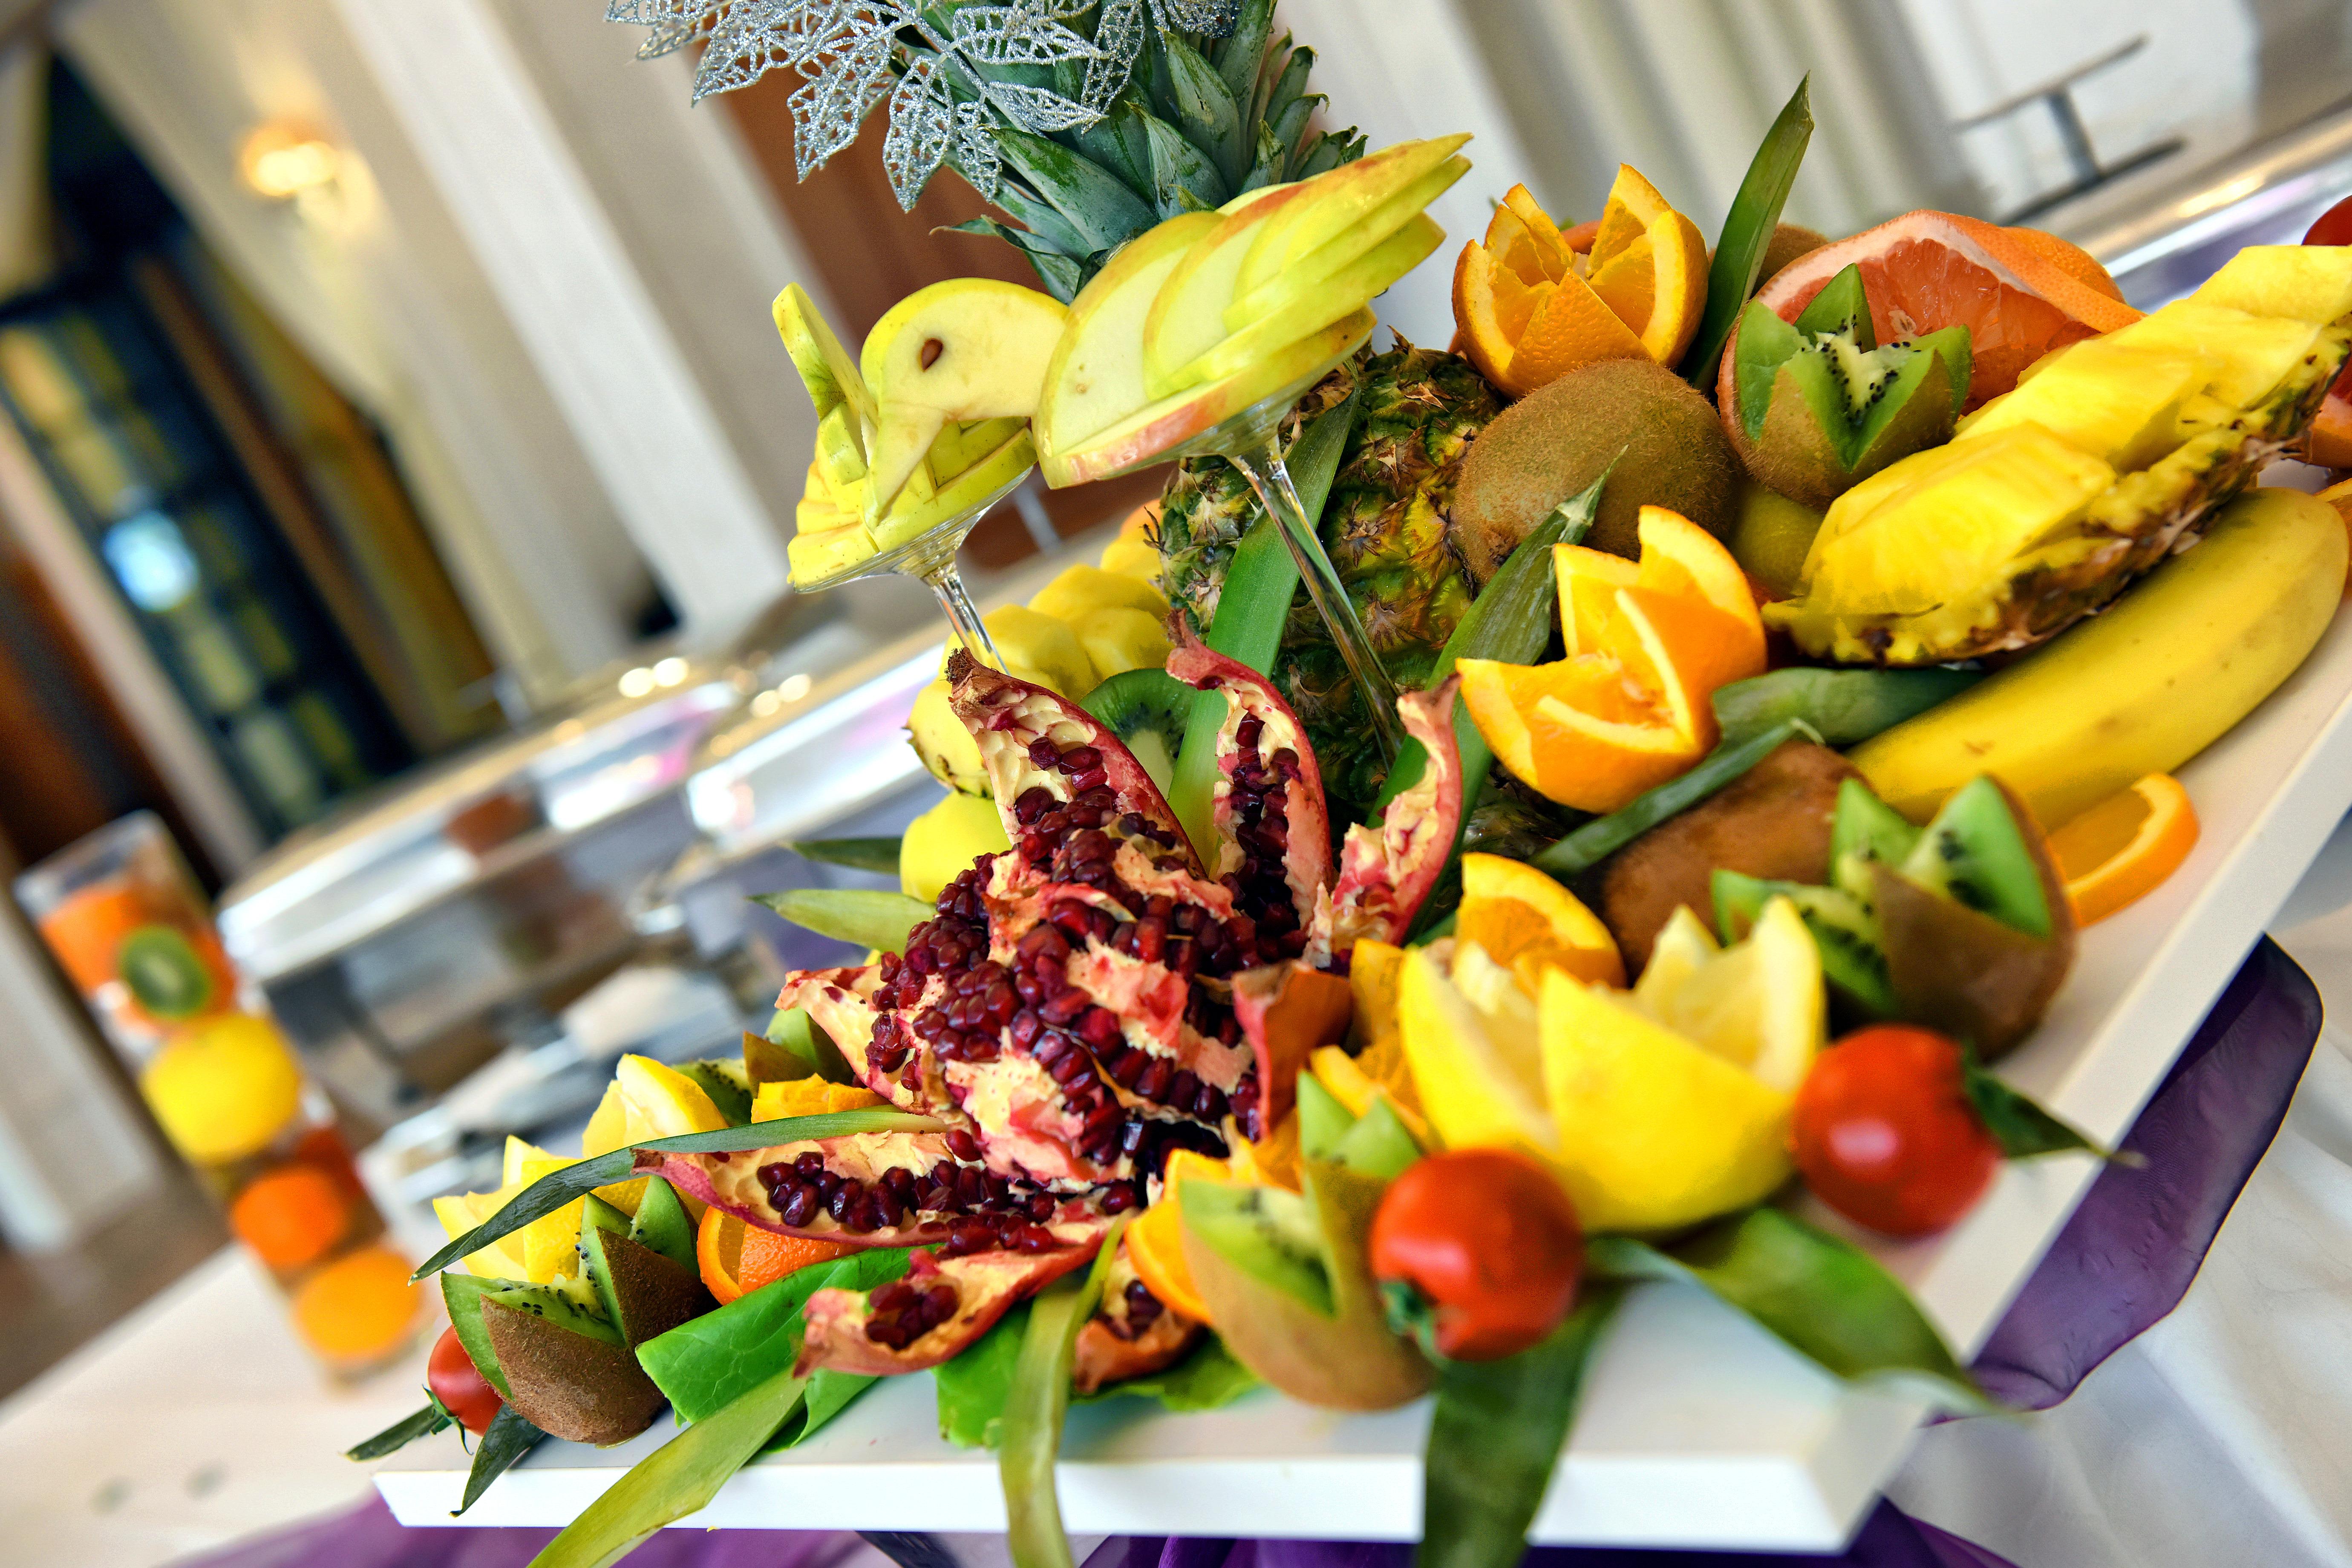 Hrana-dekoracije-2016-148